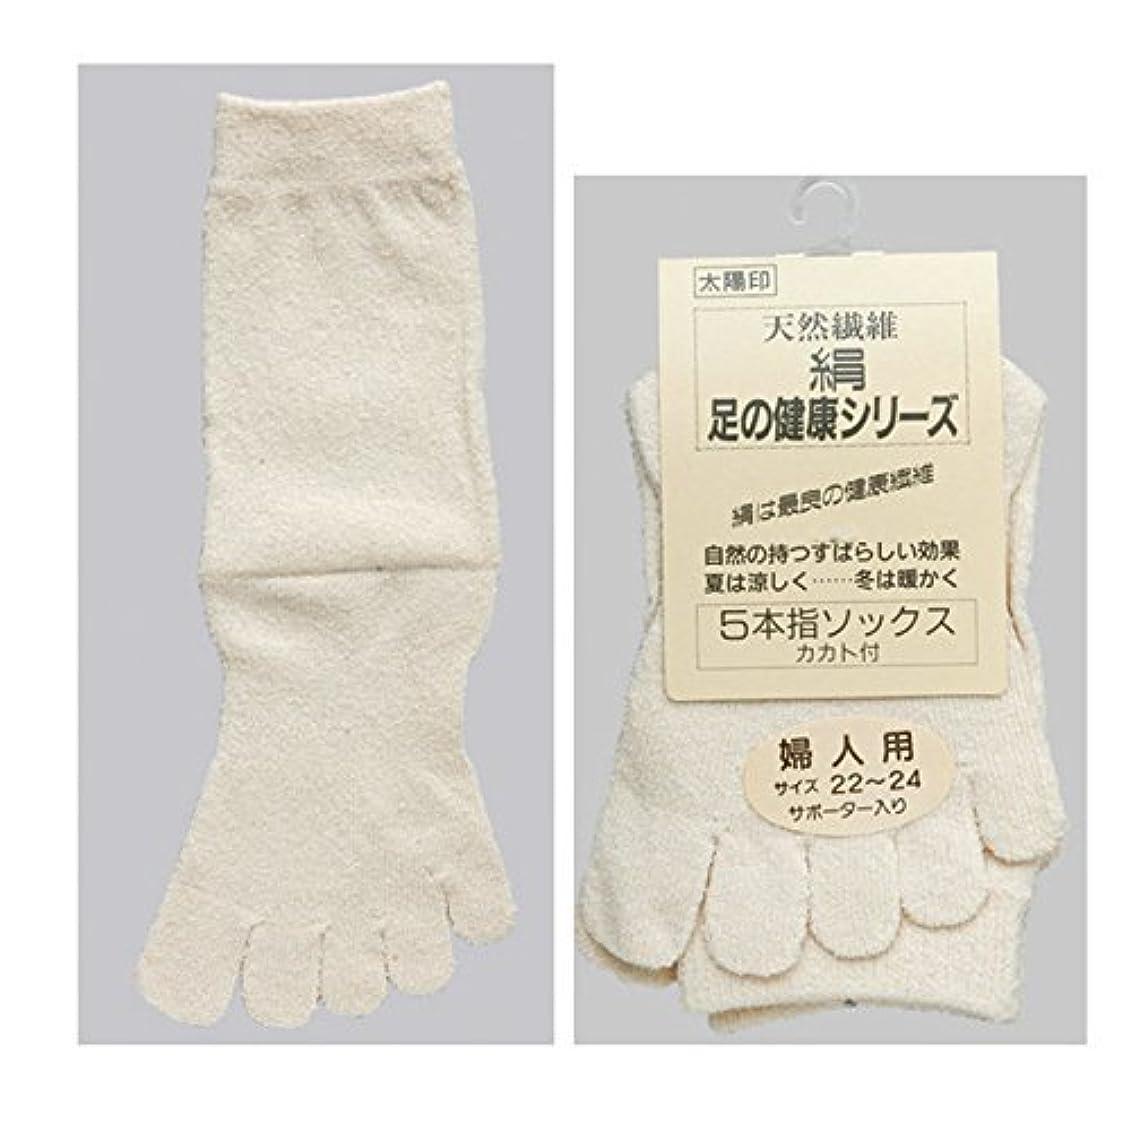 かなり一般化する一生日本製 シルク5本指ソックス 婦人用3足組 22-24cm (オフ白 お買得3足組) 敬老の日プレゼント